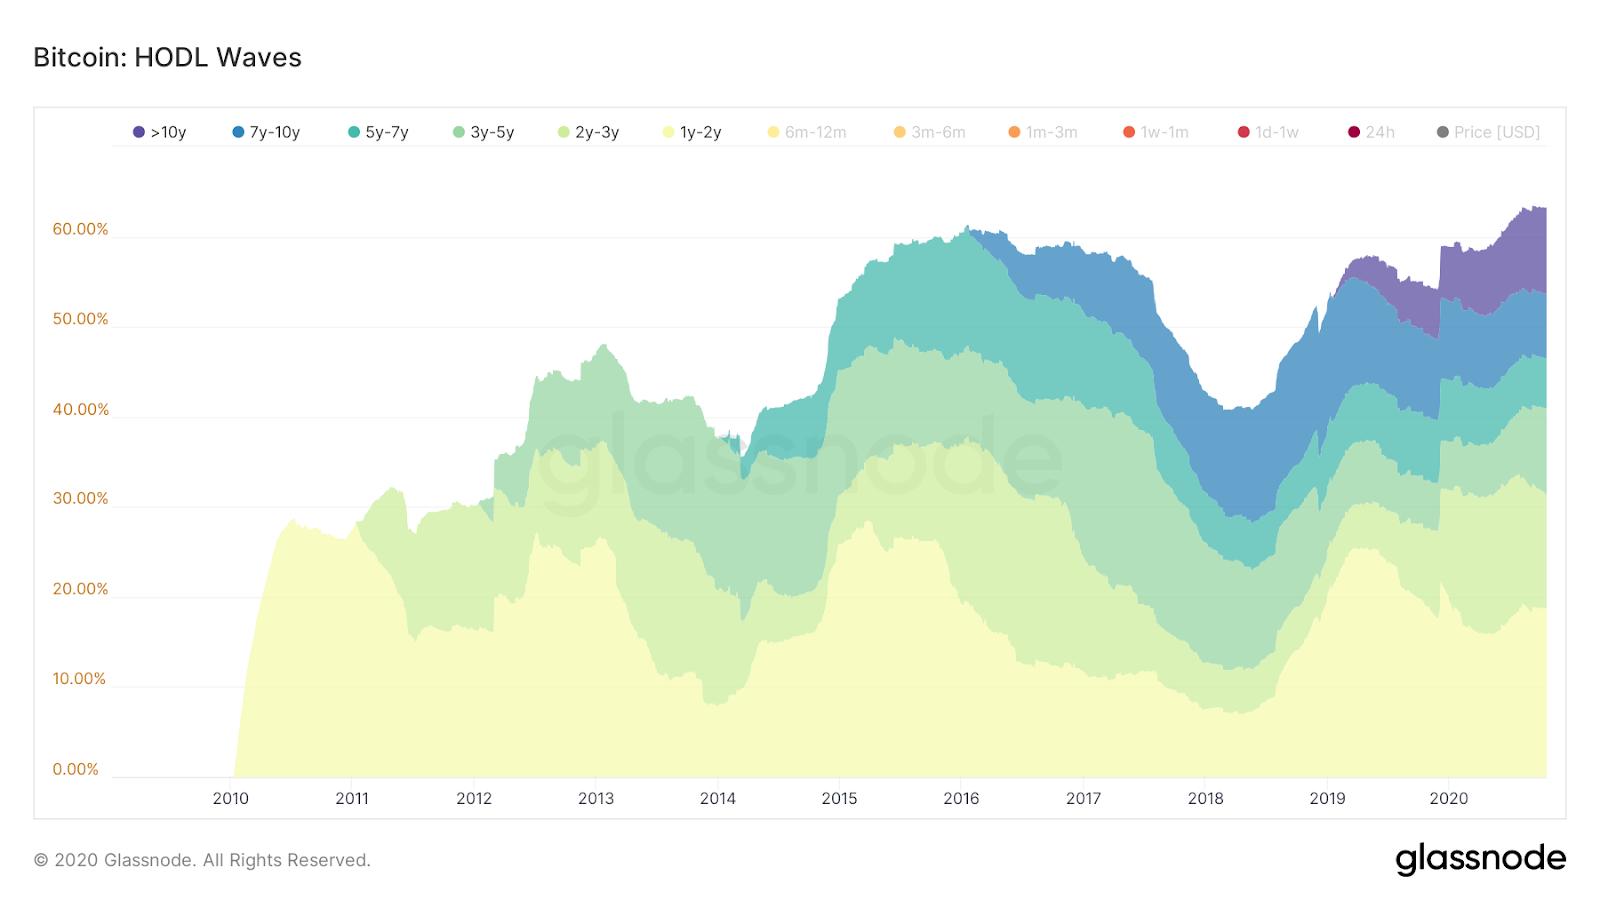 UTXO Analysis – Percentage of 1+ Year Bitcoin Holders